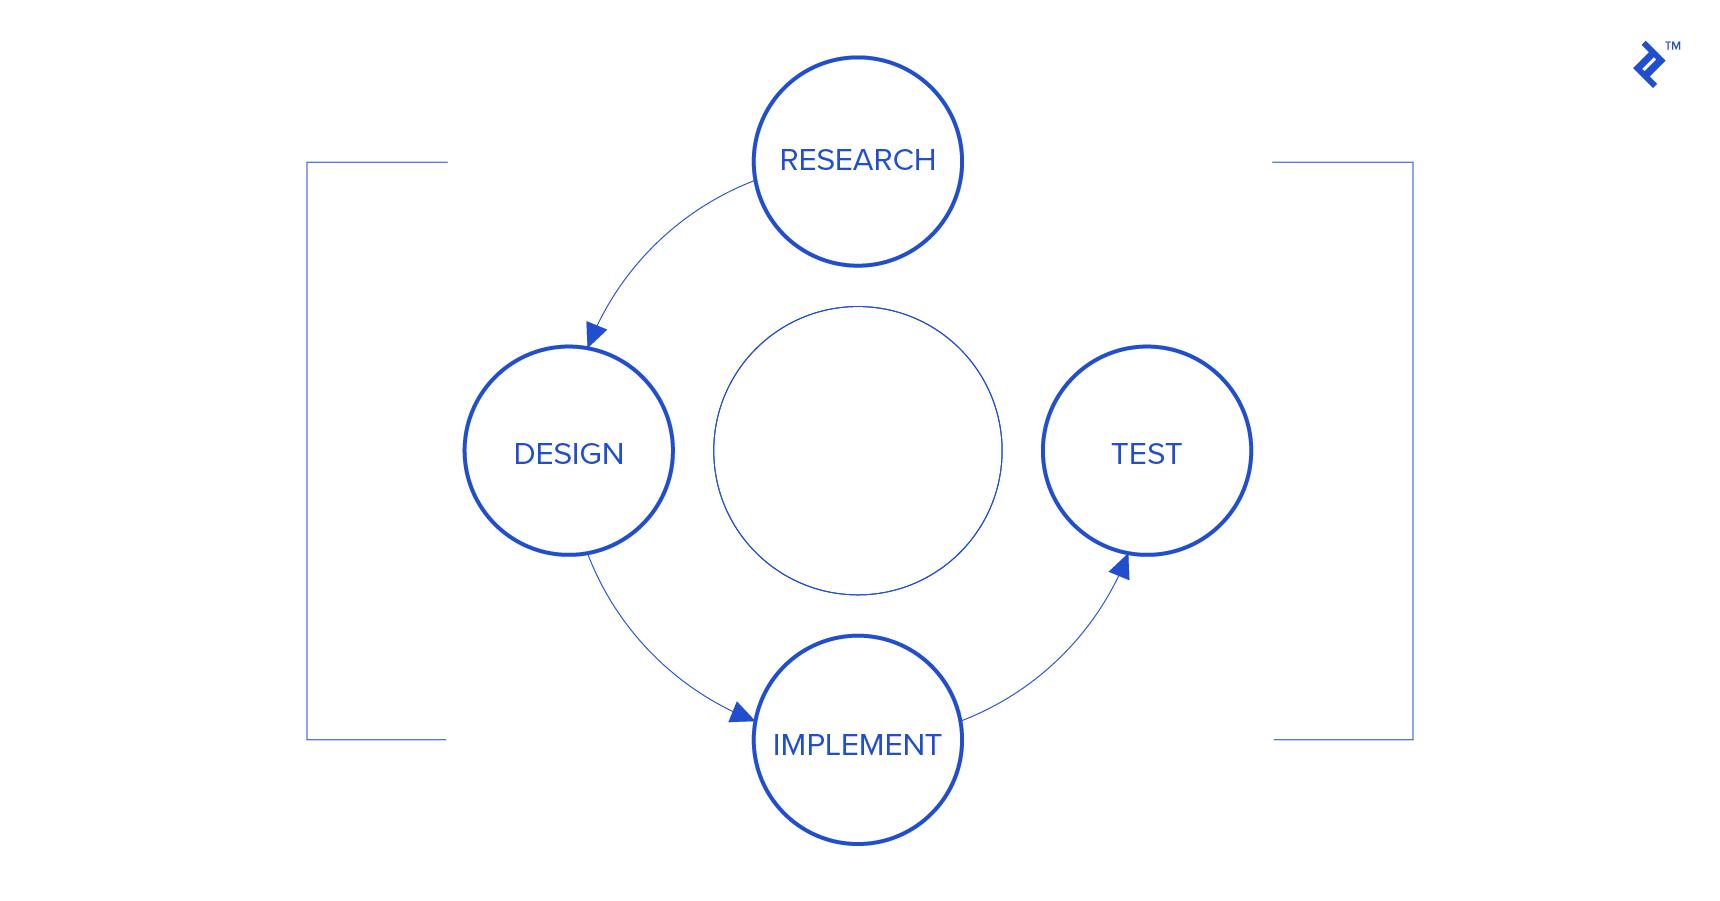 dar vuelta al círculo con métodos de prueba de usabilidad